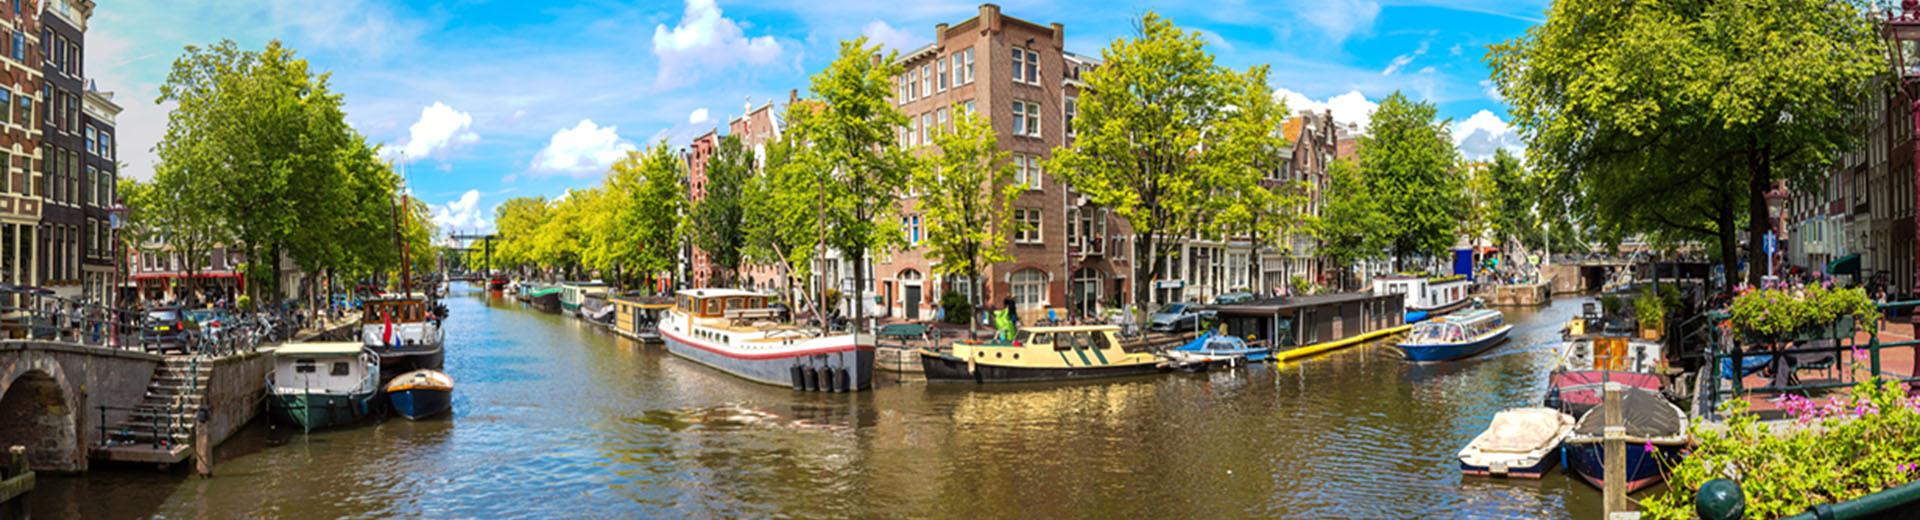 Voyage en groupe Amsterdam - offre économique avion